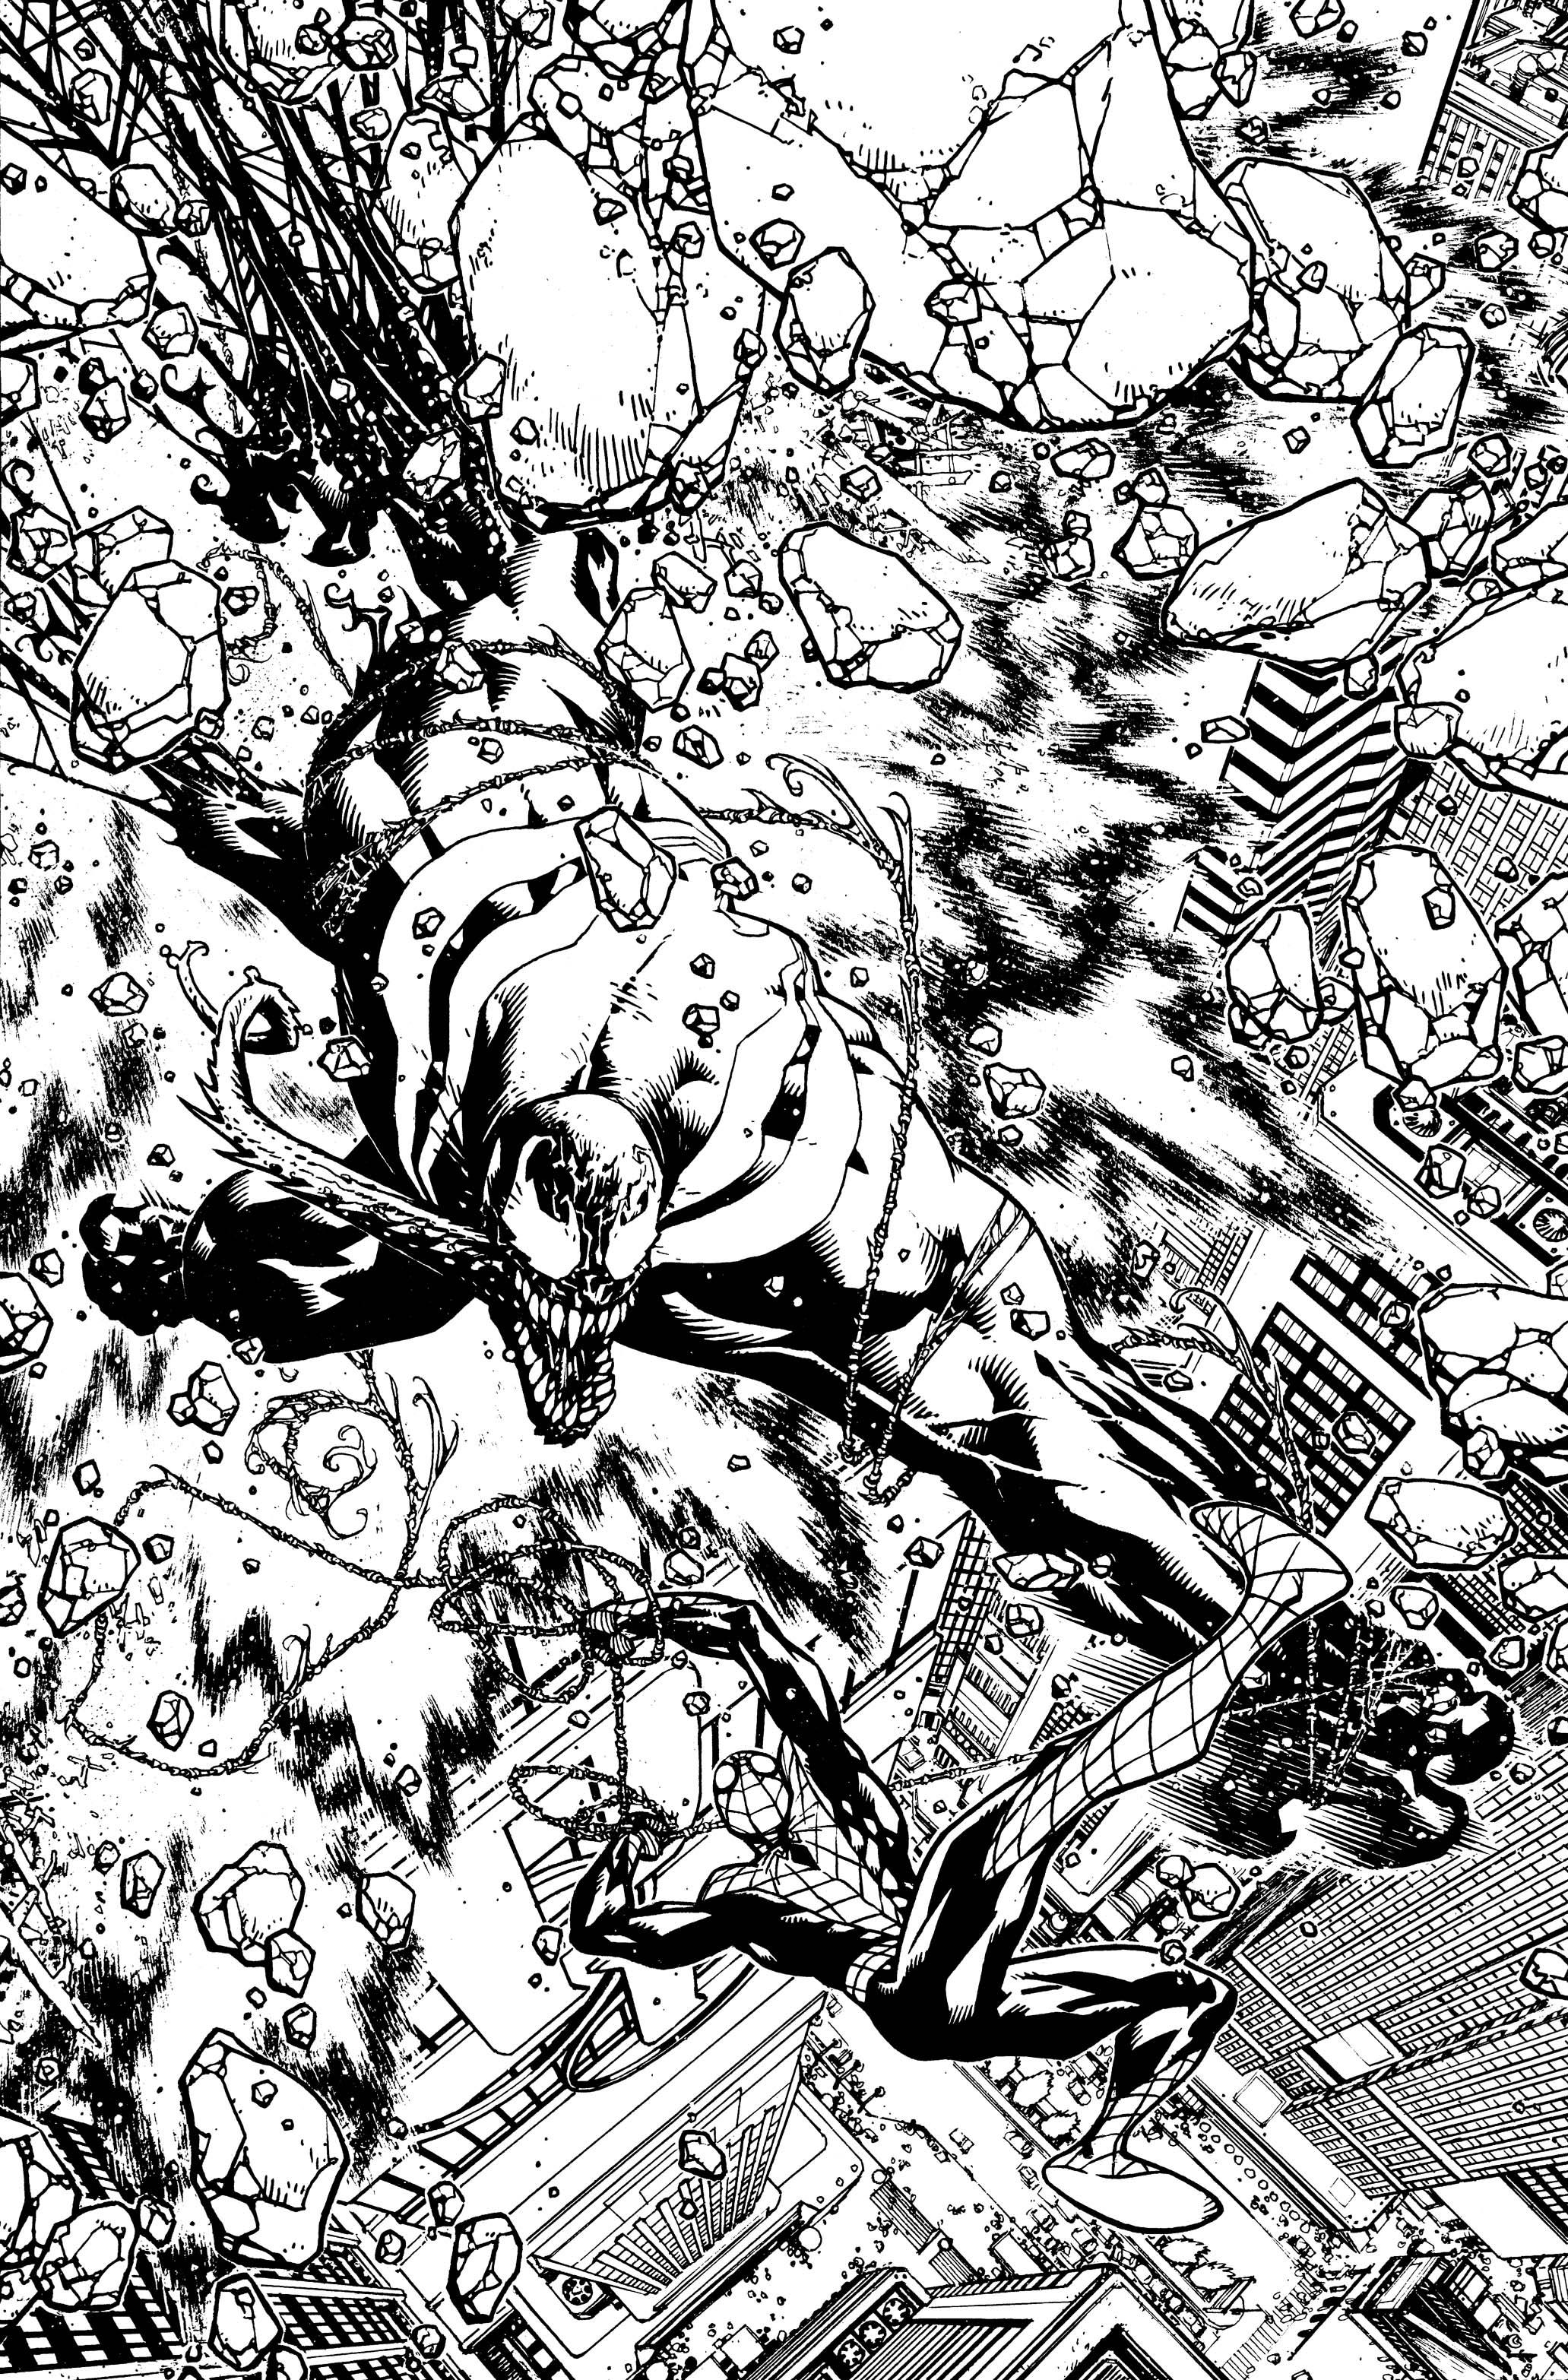 Venom SK #11 Cover inks low res.jpg